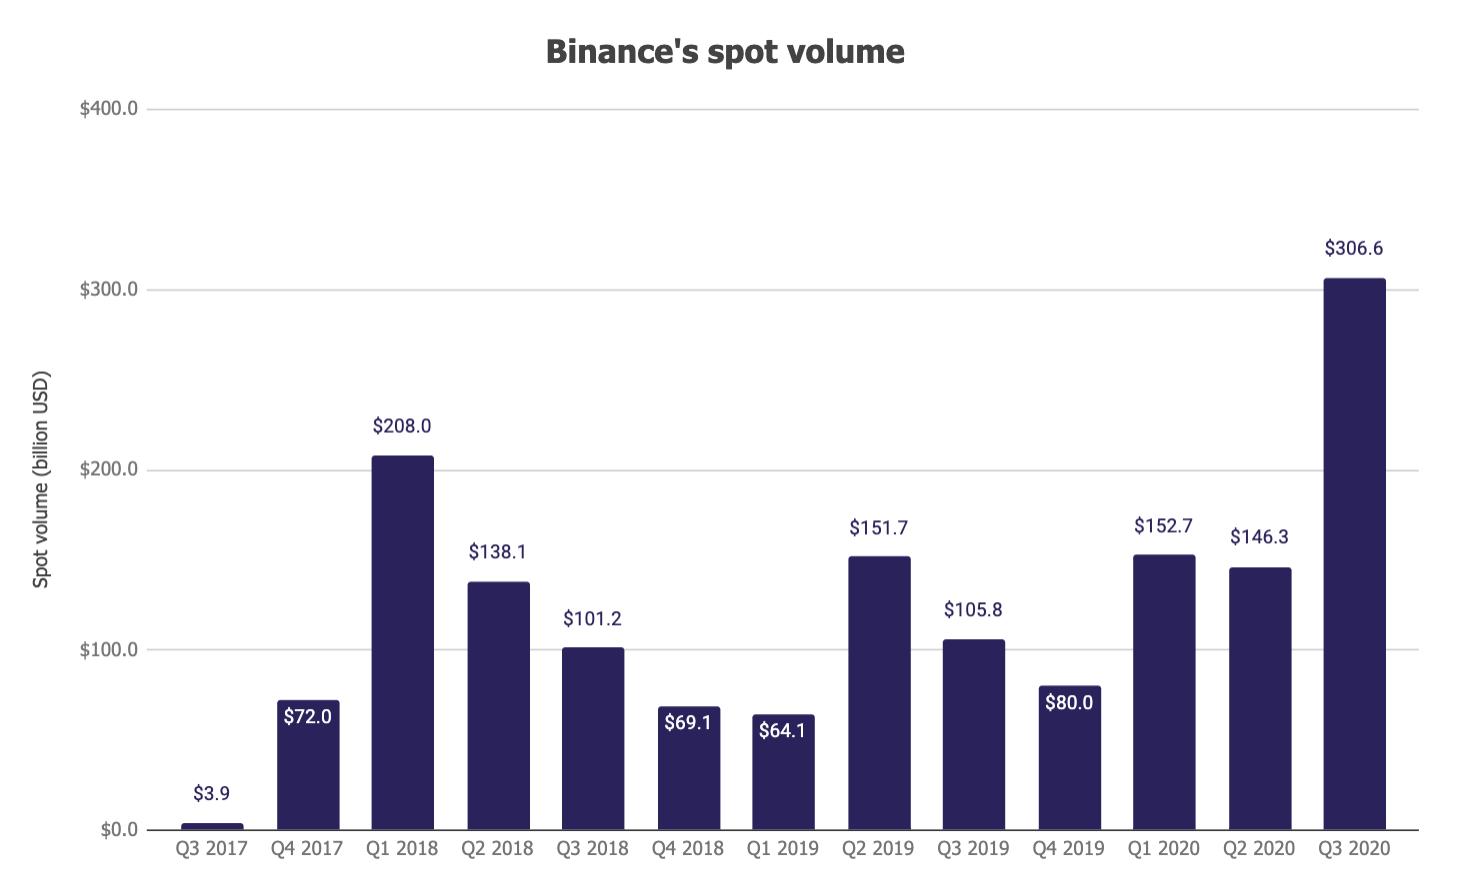 Исследование: Торговая активность на бирже Binance обновила максимум